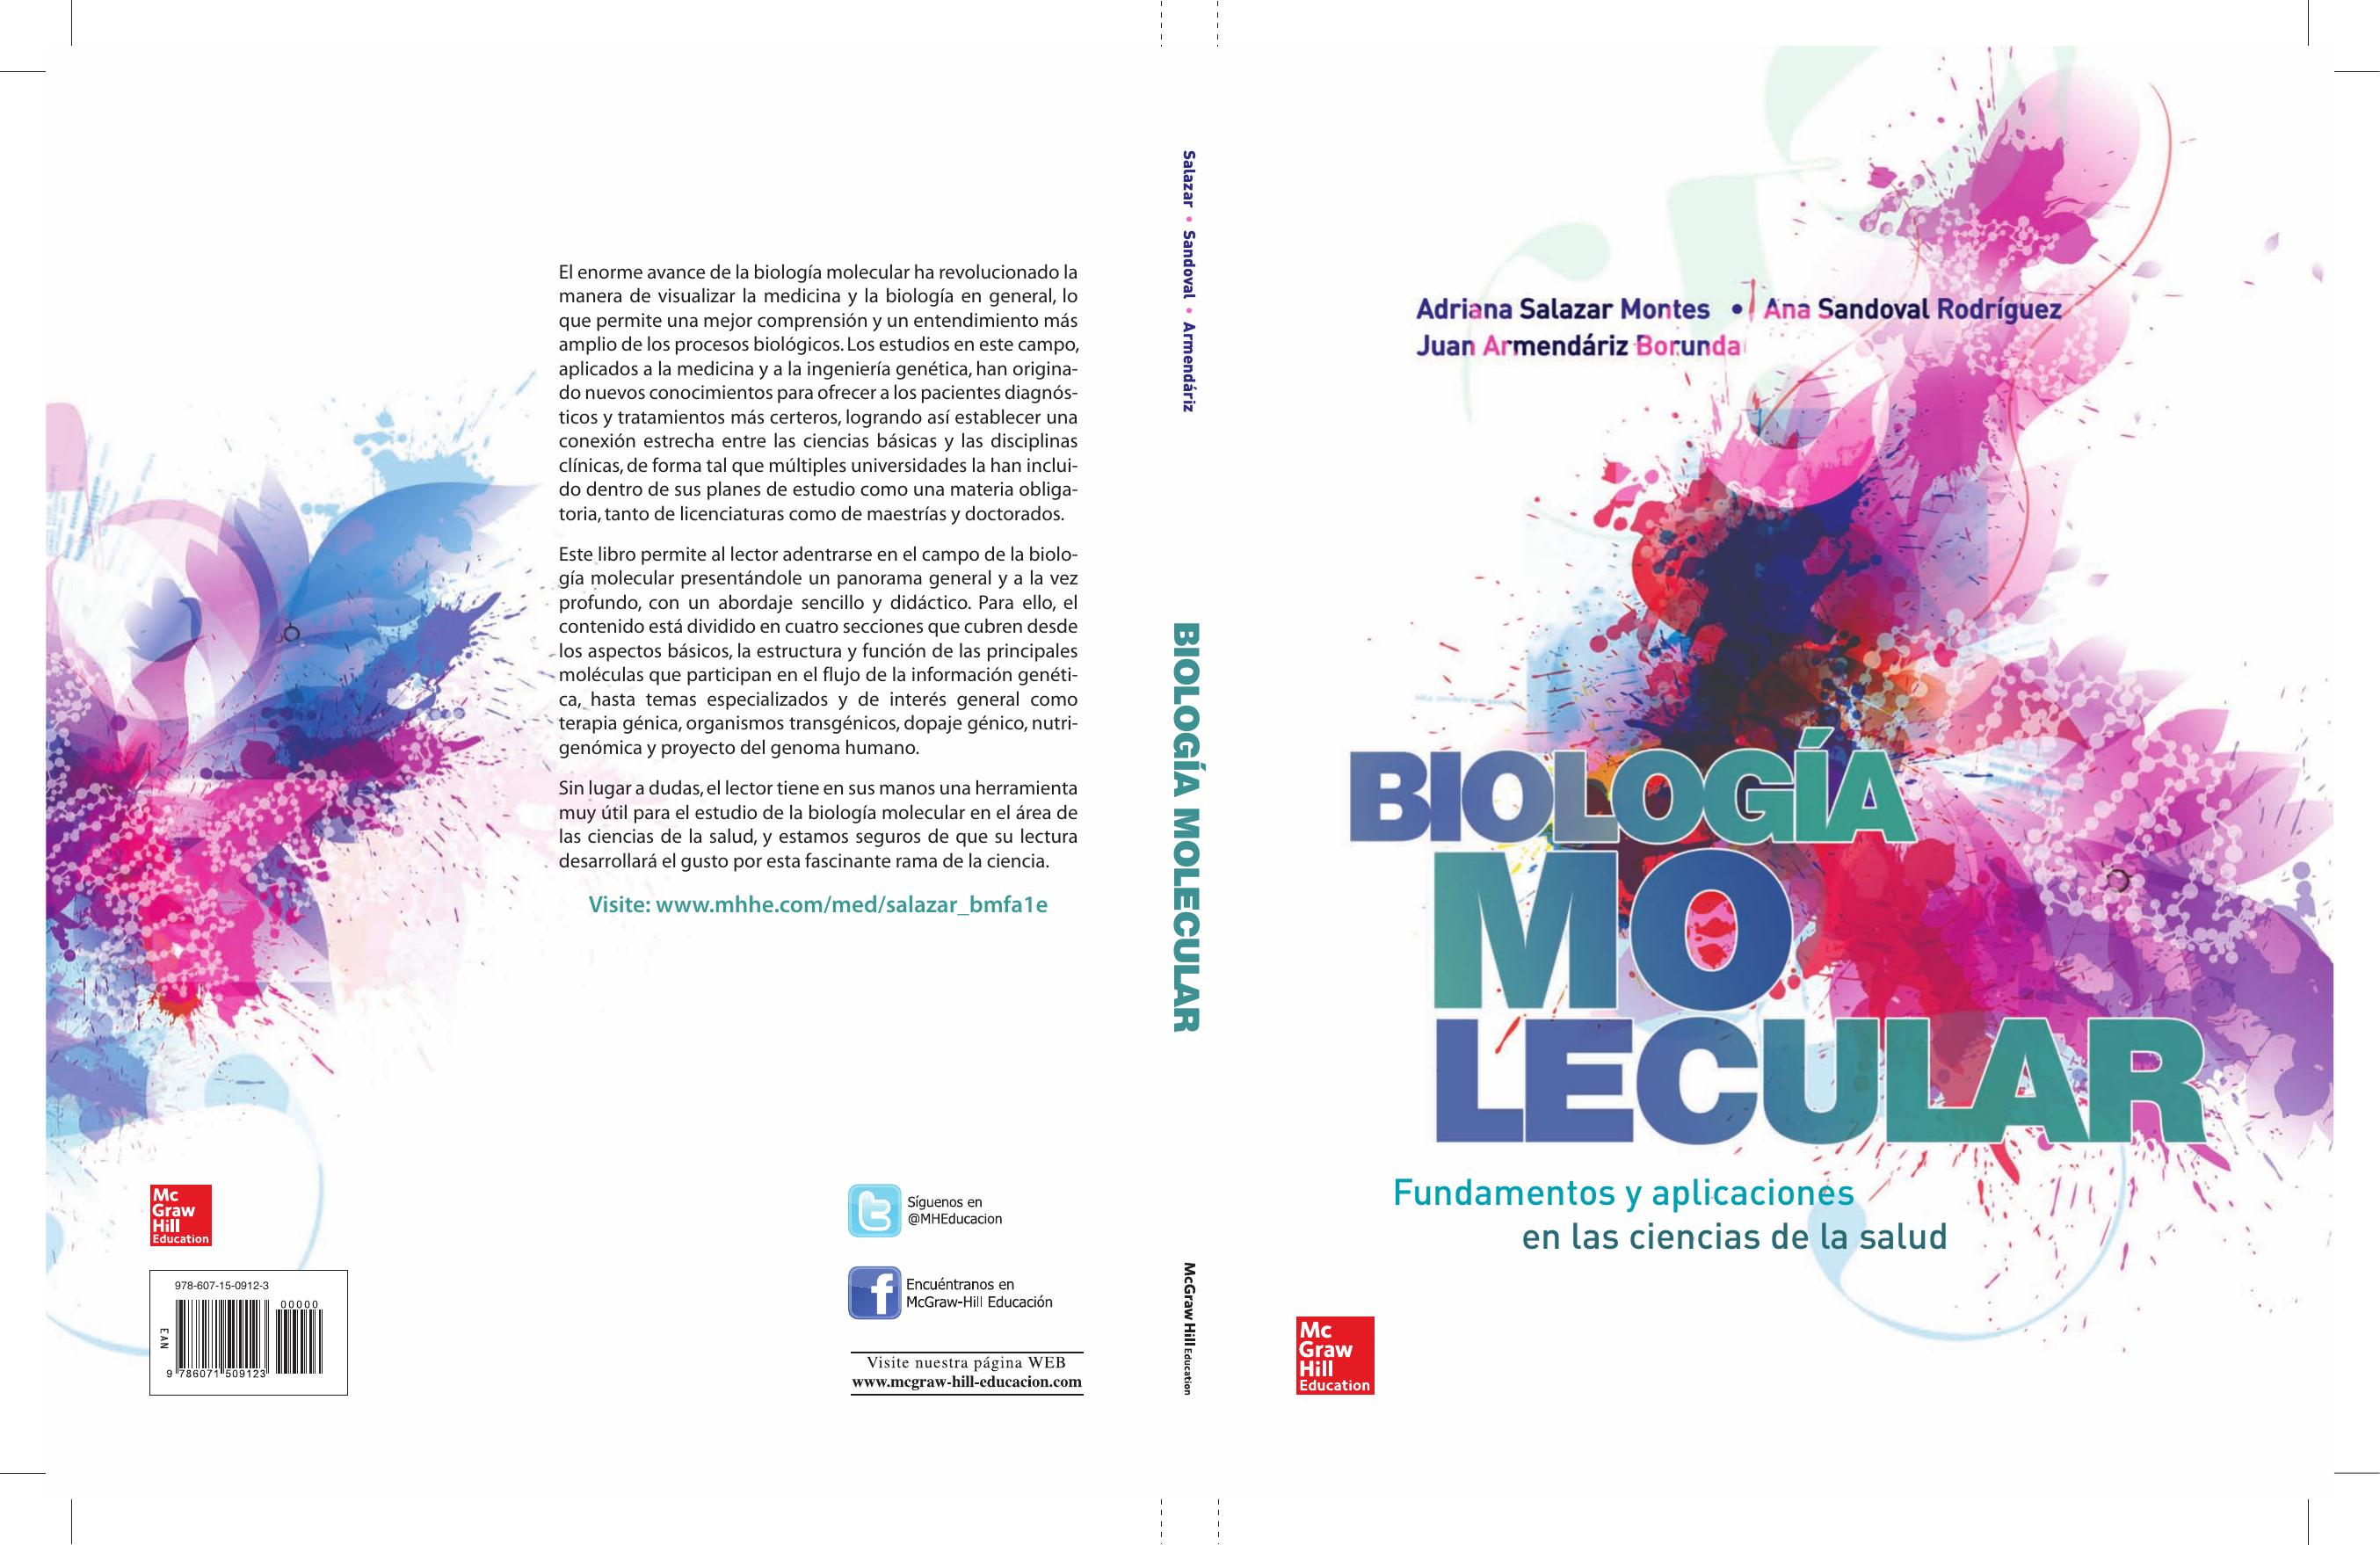 prueba de laboratorio de biología 3201 diabetes